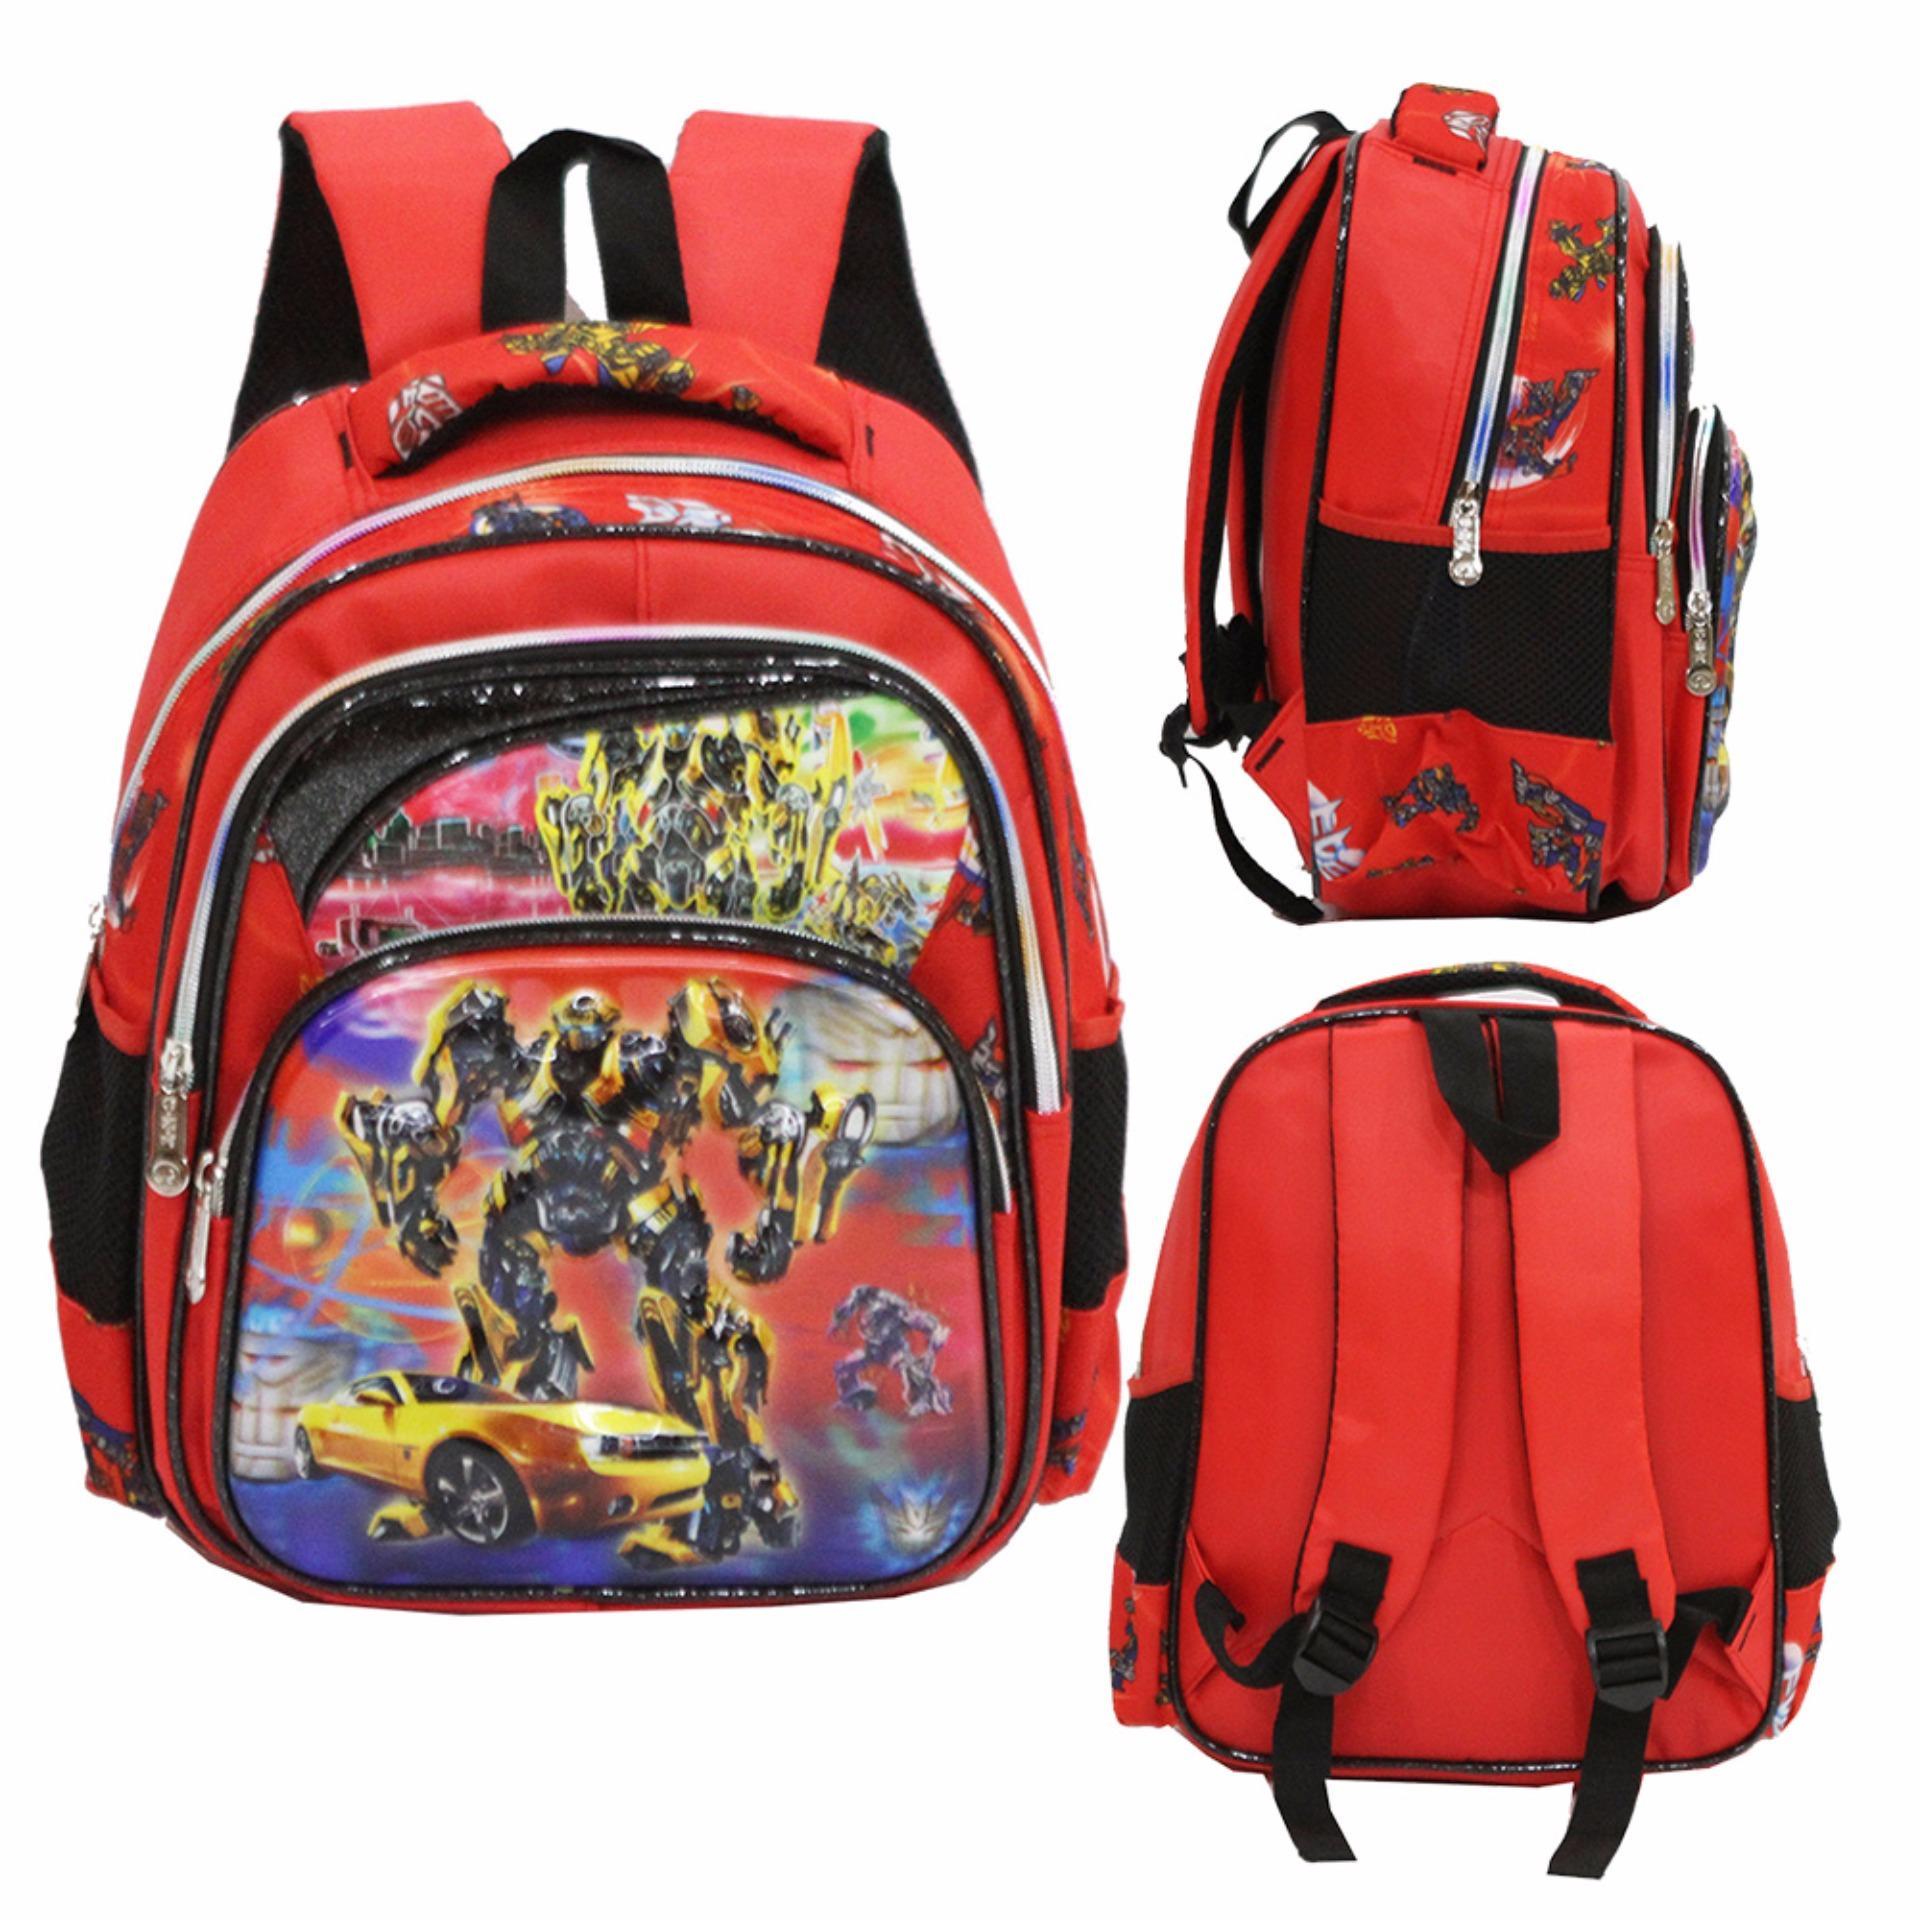 Beli Onlan Transformers 5D Timbul Hologram Tas Ransel Anak Sekolah Tk Ada 3 Kantung Import Red Yang Bagus